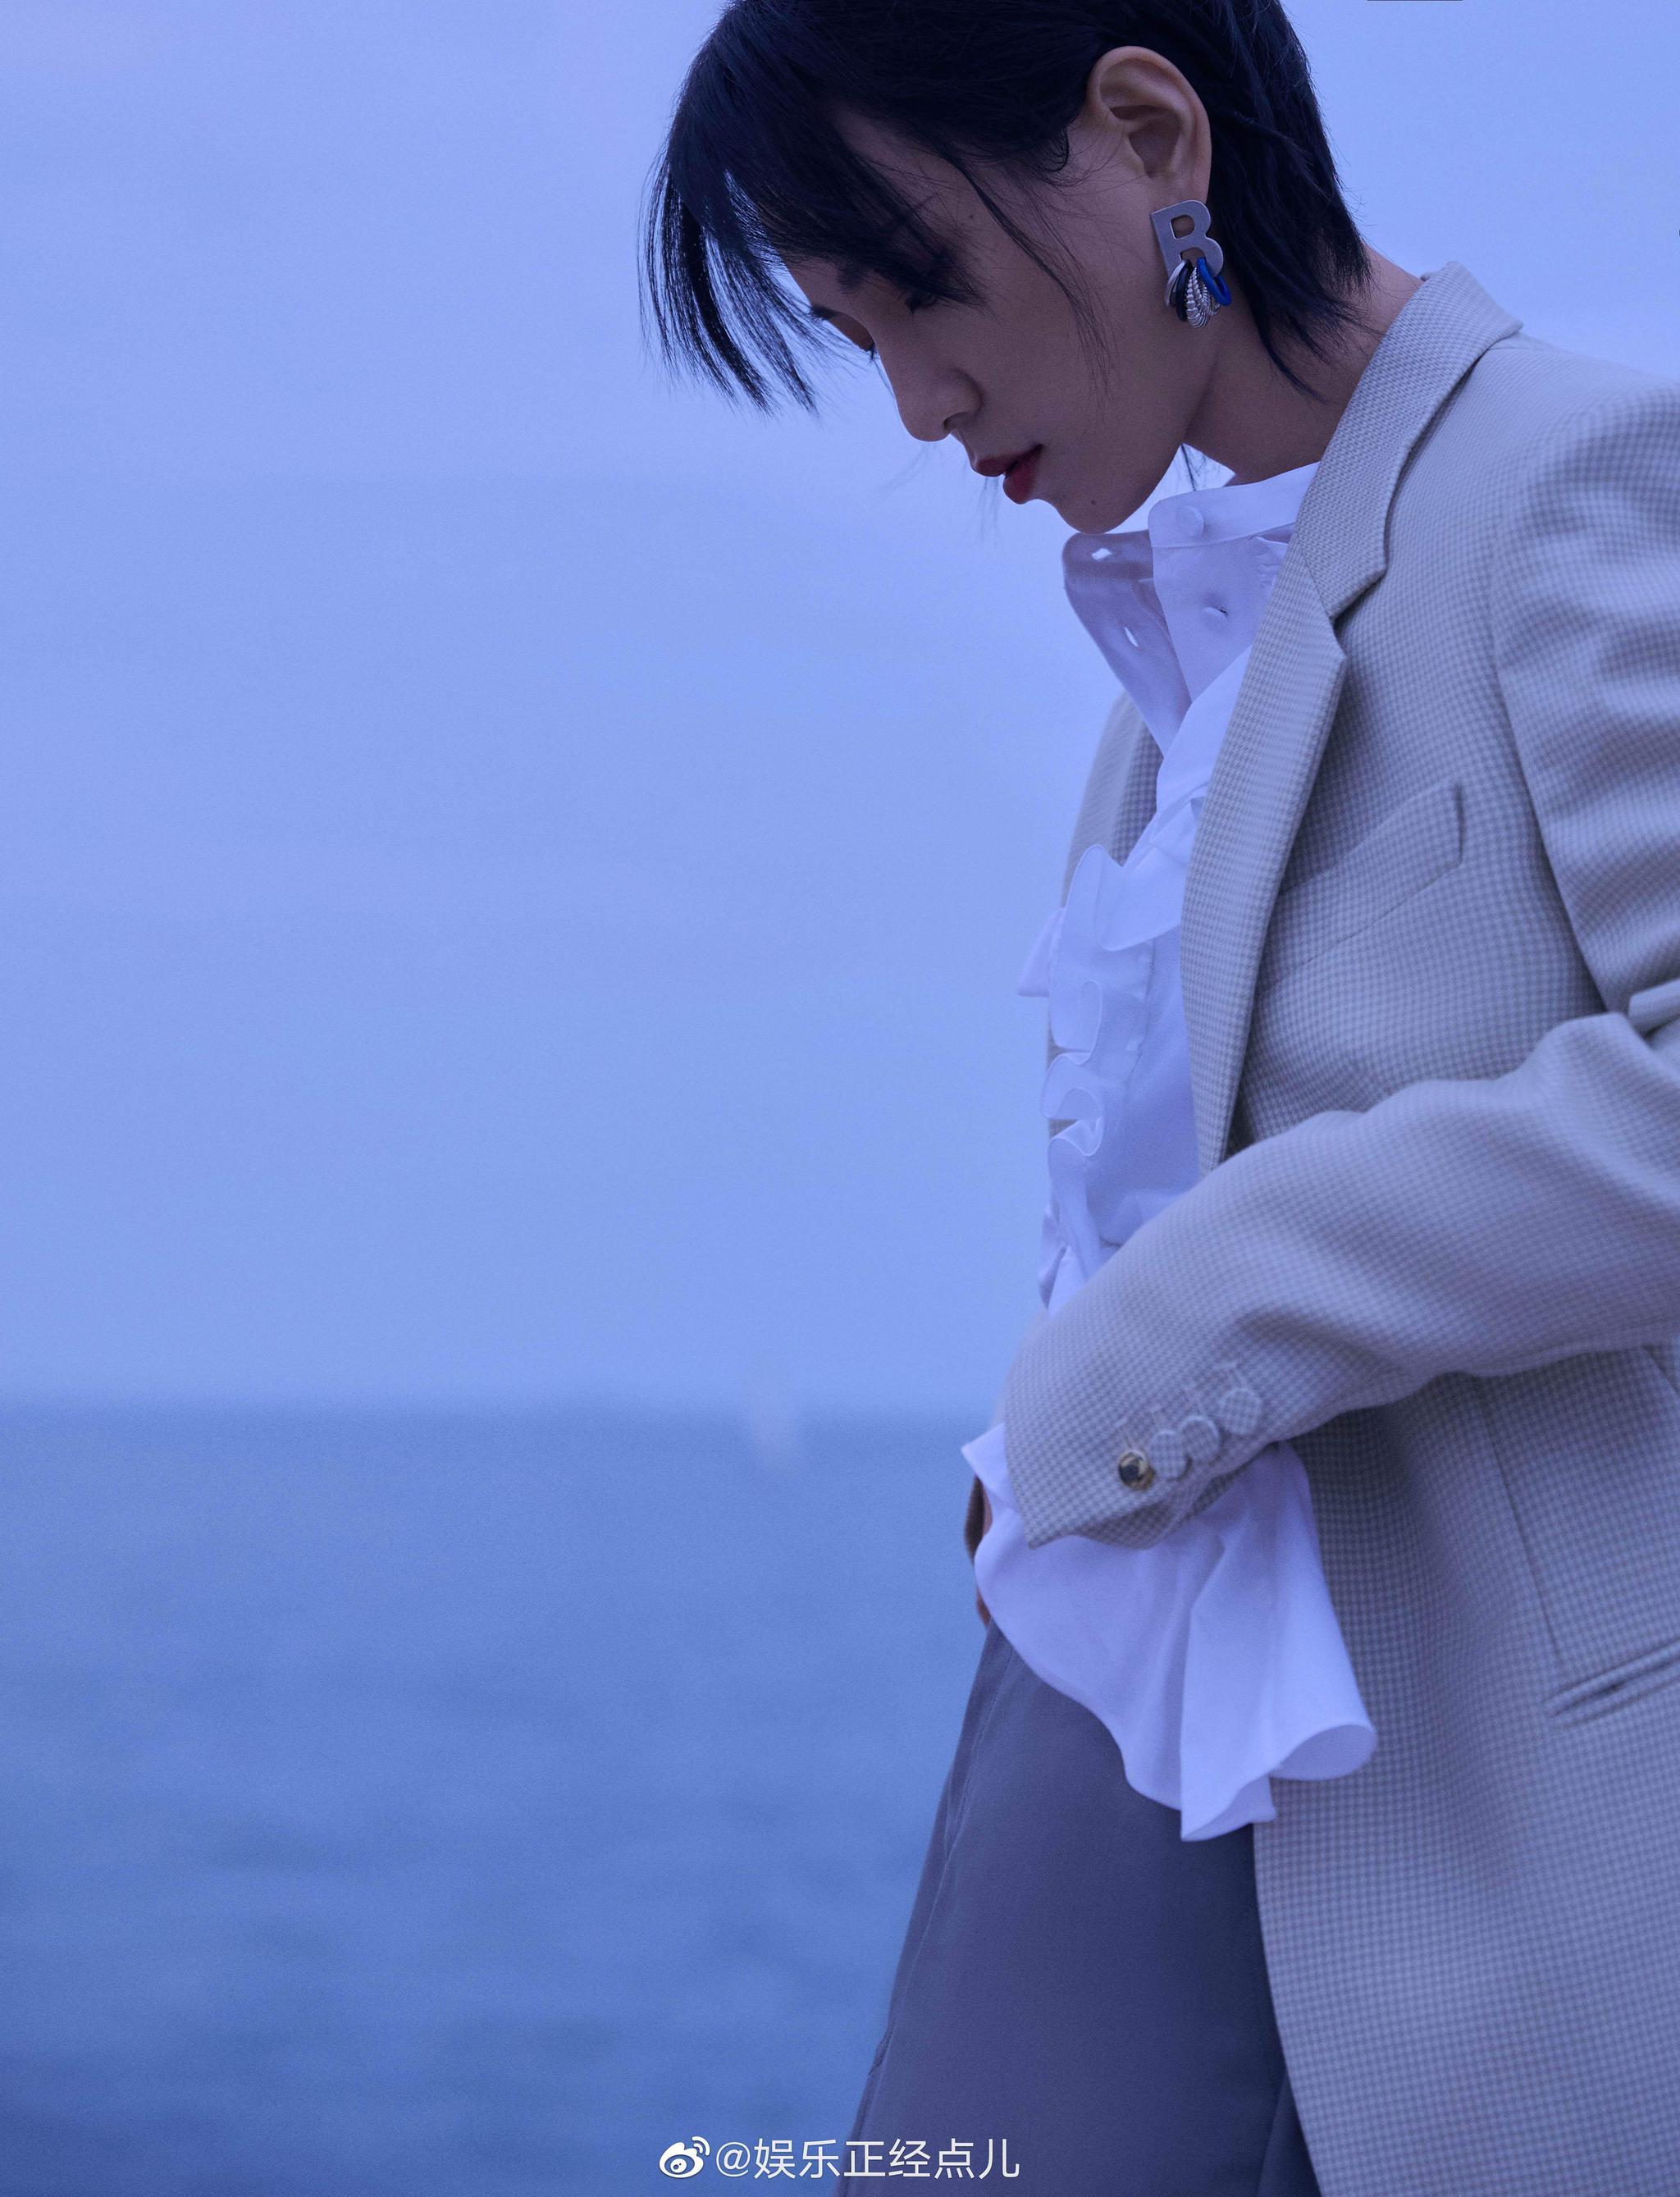 周笔畅最新造型,白色荷叶边衬衫文艺复古,灰色西装裙干练飒爽